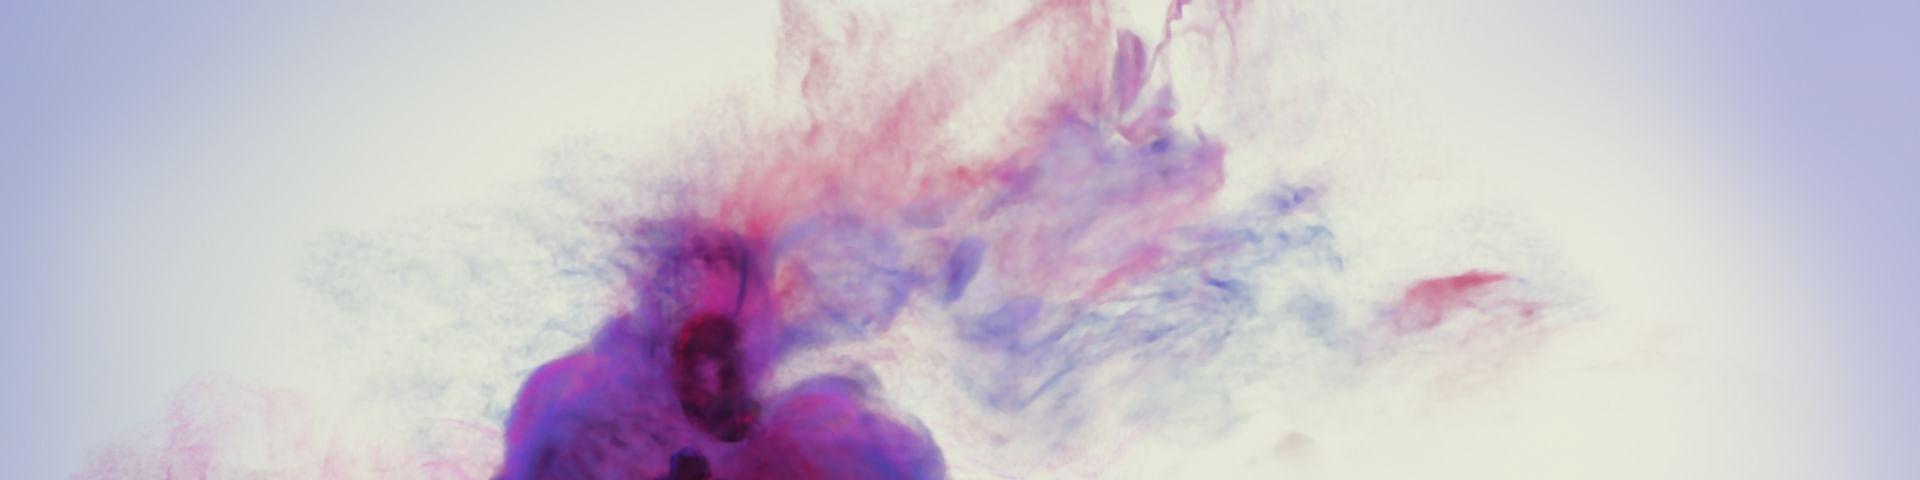 Dance! The Nelken-Line by Pina Bausch